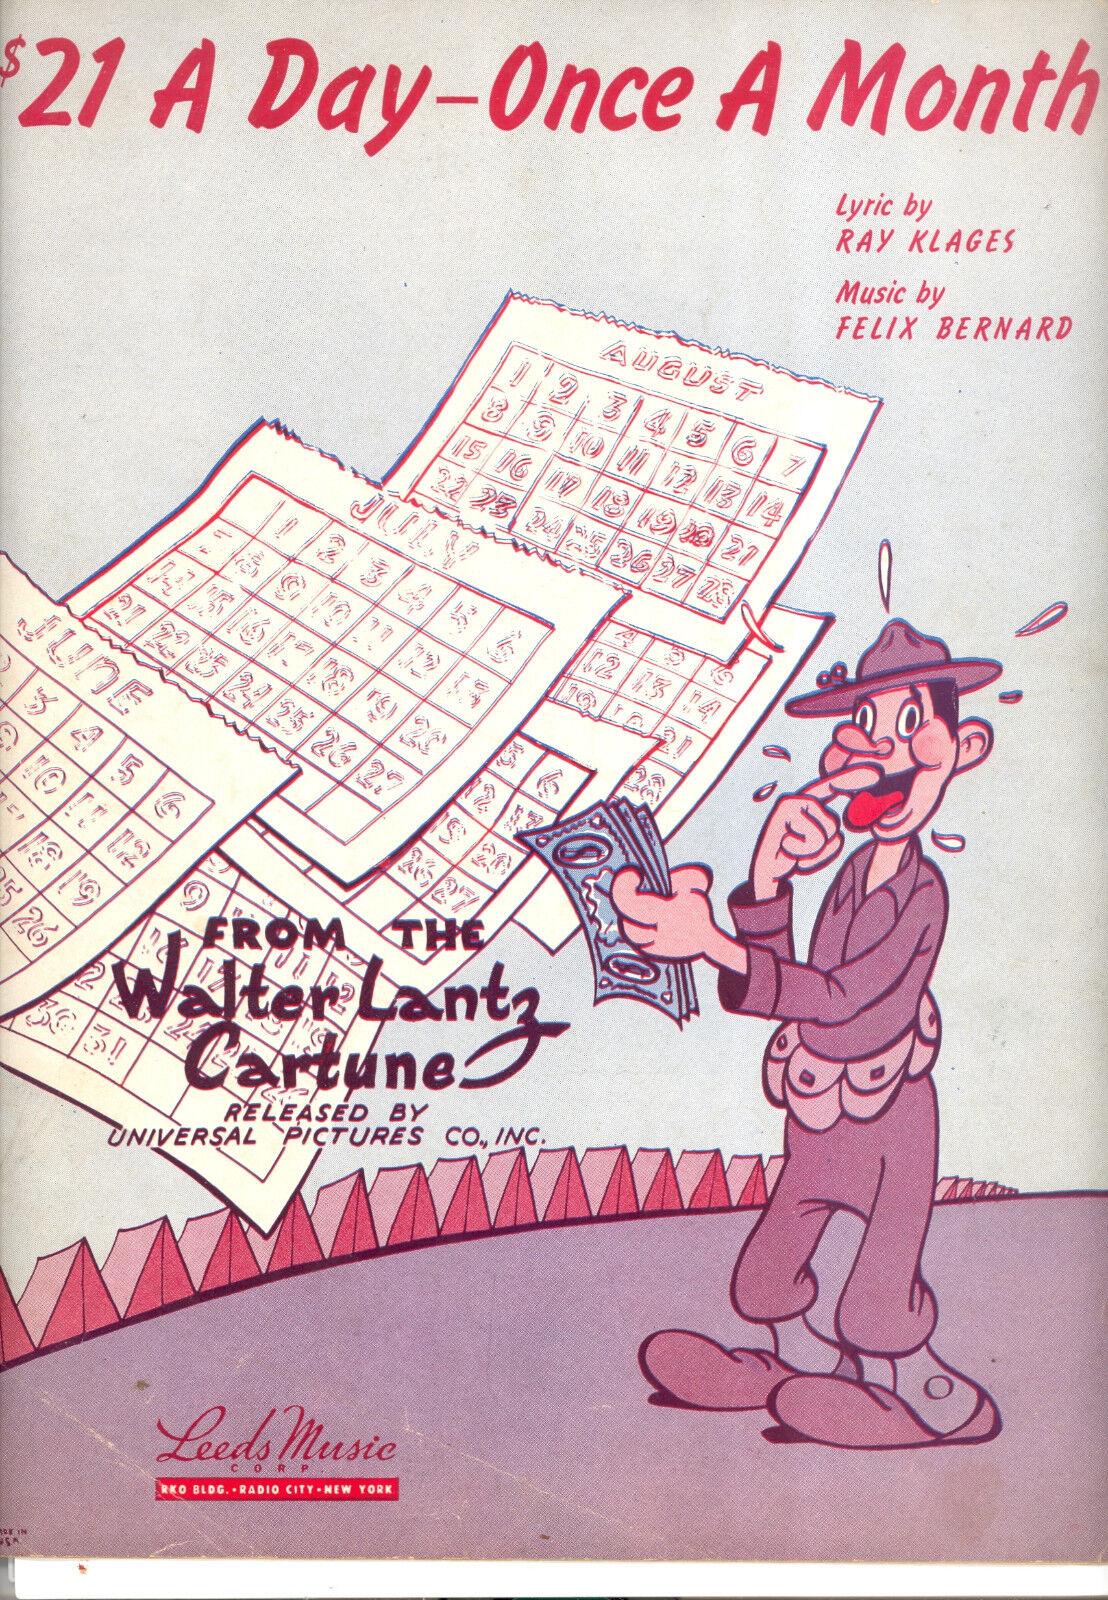 21 un día partituras partituras partituras   21 un día-una vez al mes  Walter Lantz dibujos animados  gran descuento